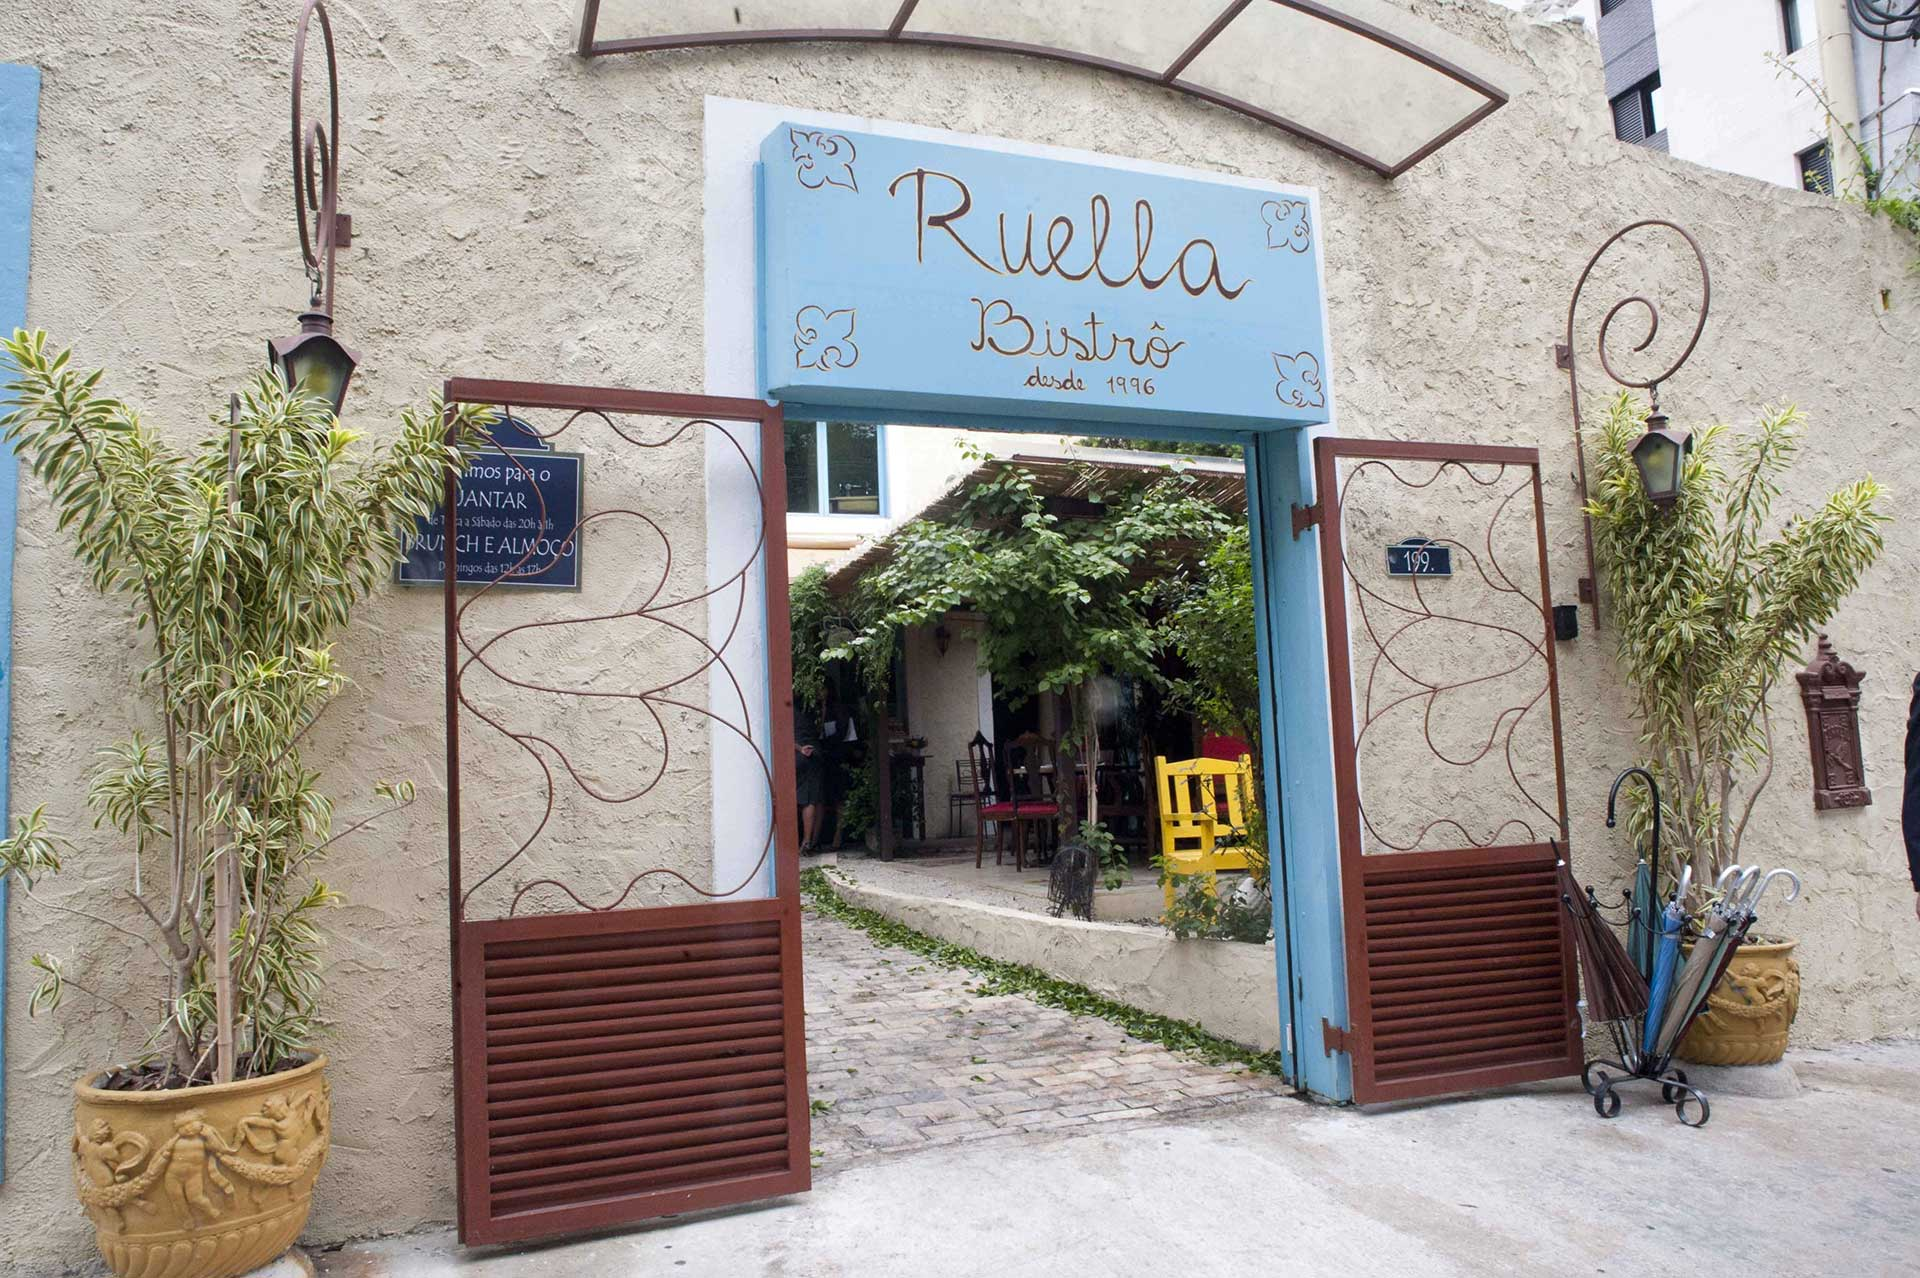 Ruella Pinheiros